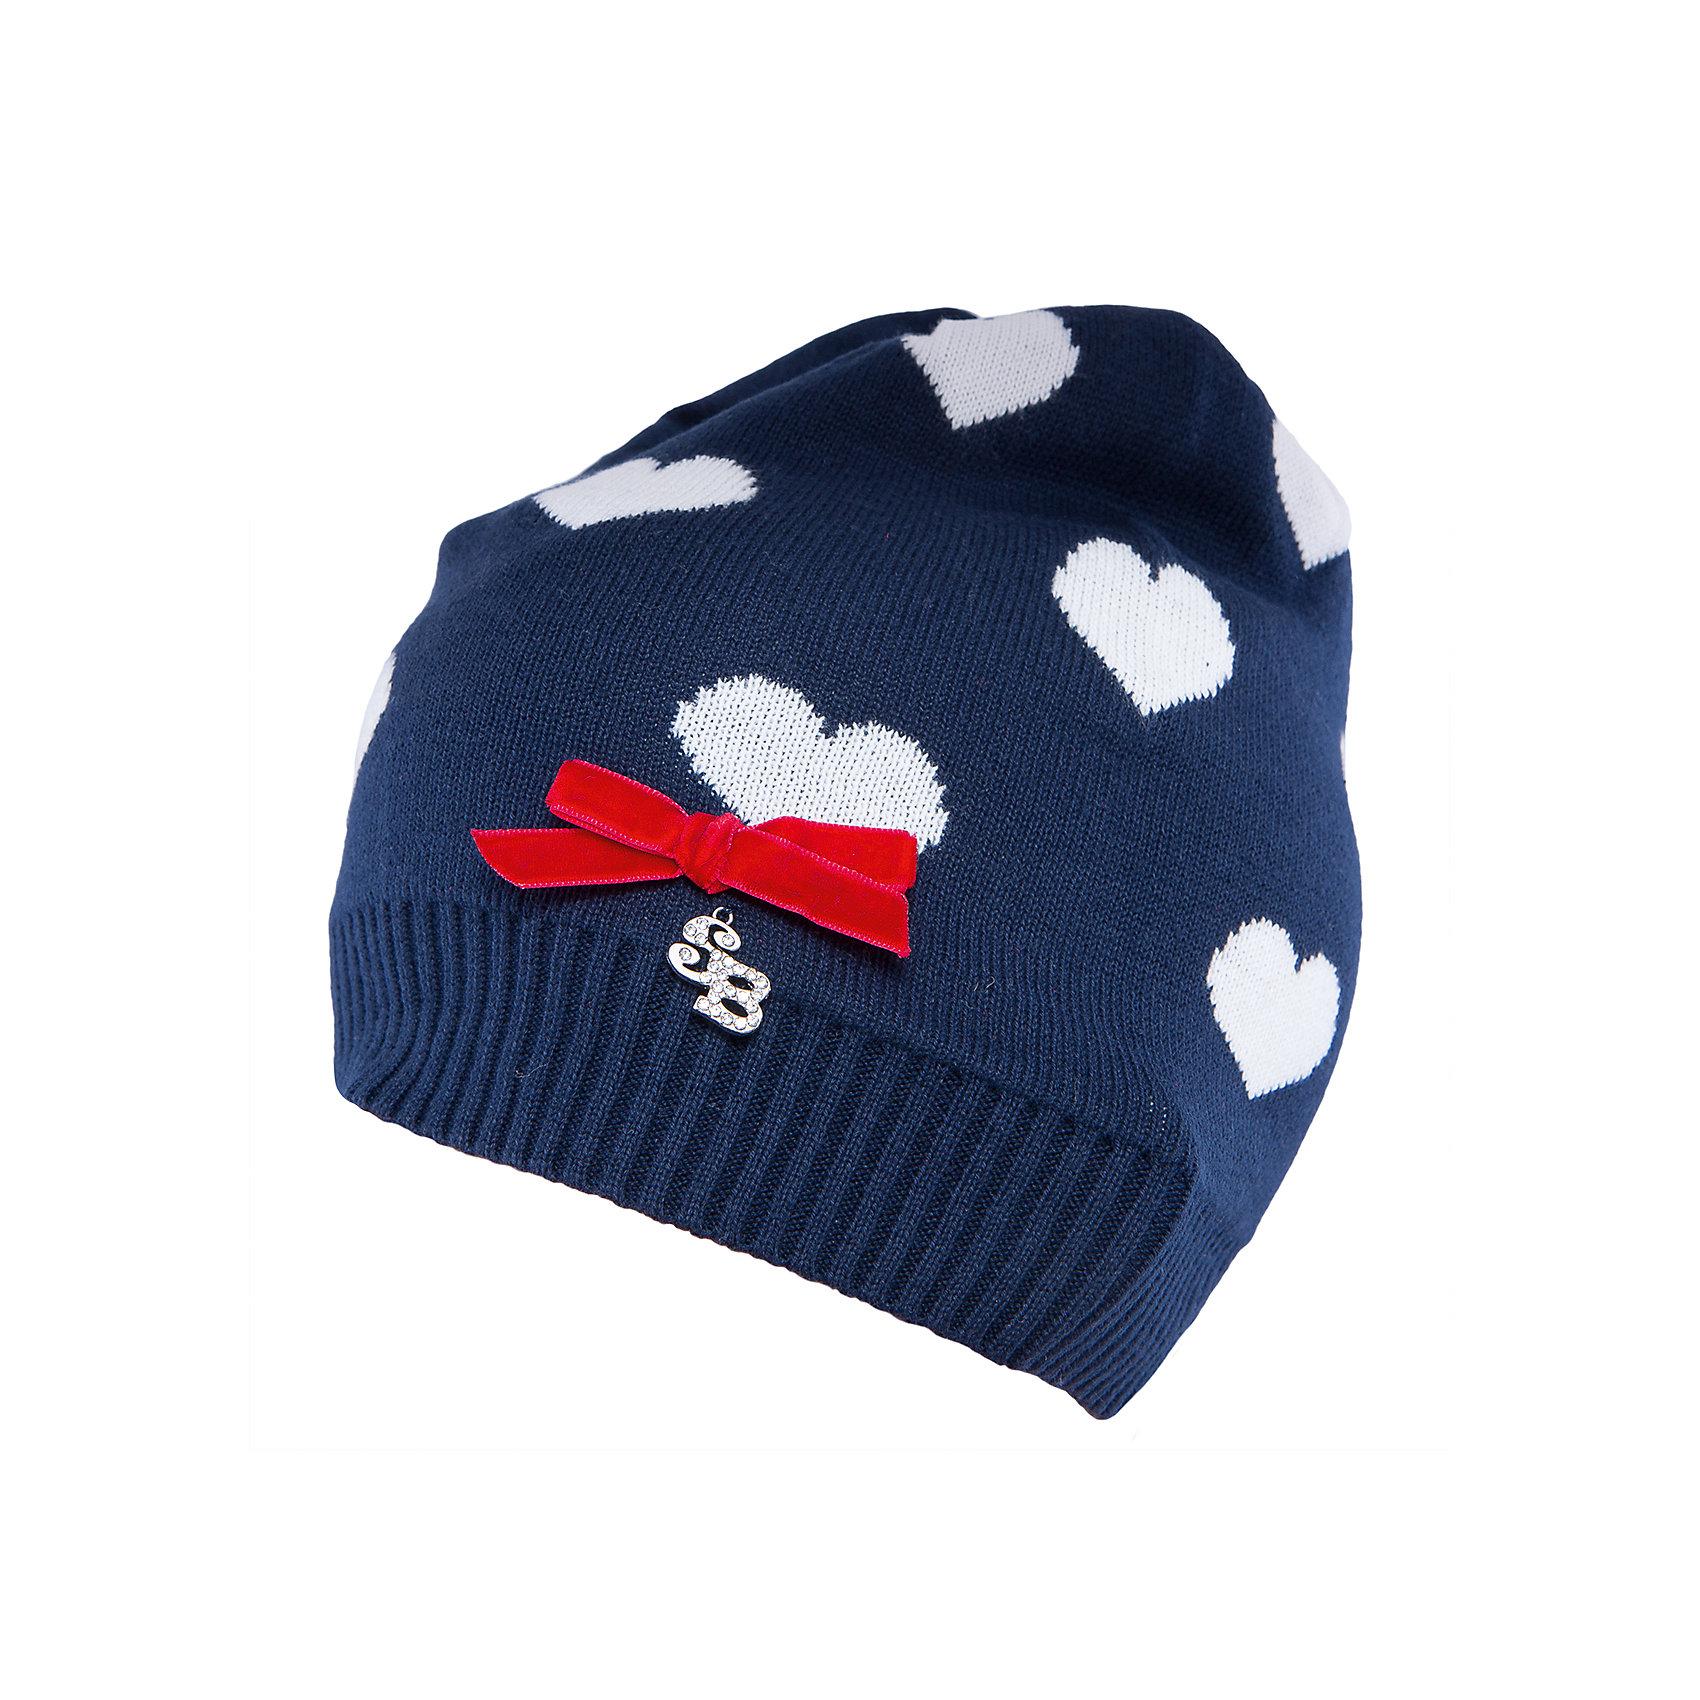 Шапка для девочки Sweet BerryТакая шапка для девочки отличается модным дизайном: смешение контрастных цветов и узор сердечки добавляют изделию оригинальности. Удачный крой обеспечит ребенку комфорт и тепло. Край изделия обработан мягкой резинкой, поэтому вещь плотно прилегает к голове. Украшена шапка симпатичным бантиком.<br>Одежда от бренда Sweet Berry - это простой и выгодный способ одеть ребенка удобно и стильно. Всё изделия тщательно проработаны: швы - прочные, материал - качественный, фурнитура - подобранная специально для детей. <br><br>Дополнительная информация:<br><br>цвет: синий;<br>материал: 100% хлопок;<br>украшена узором и бантиком.<br><br>Шапку для девочки от бренда Sweet Berry можно купить в нашем интернет-магазине.<br><br>Ширина мм: 89<br>Глубина мм: 117<br>Высота мм: 44<br>Вес г: 155<br>Цвет: синий<br>Возраст от месяцев: 24<br>Возраст до месяцев: 36<br>Пол: Женский<br>Возраст: Детский<br>Размер: 50,54,52<br>SKU: 4931437